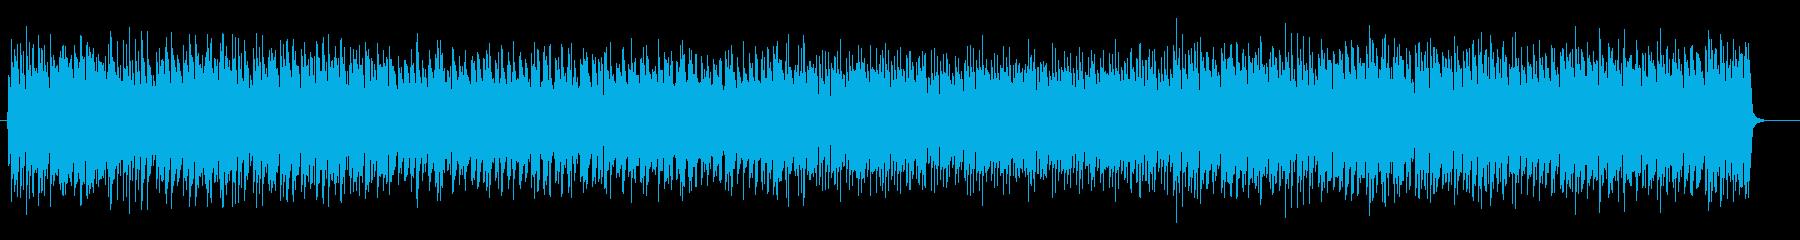 リズミカルでベースが印象的なテクノの再生済みの波形